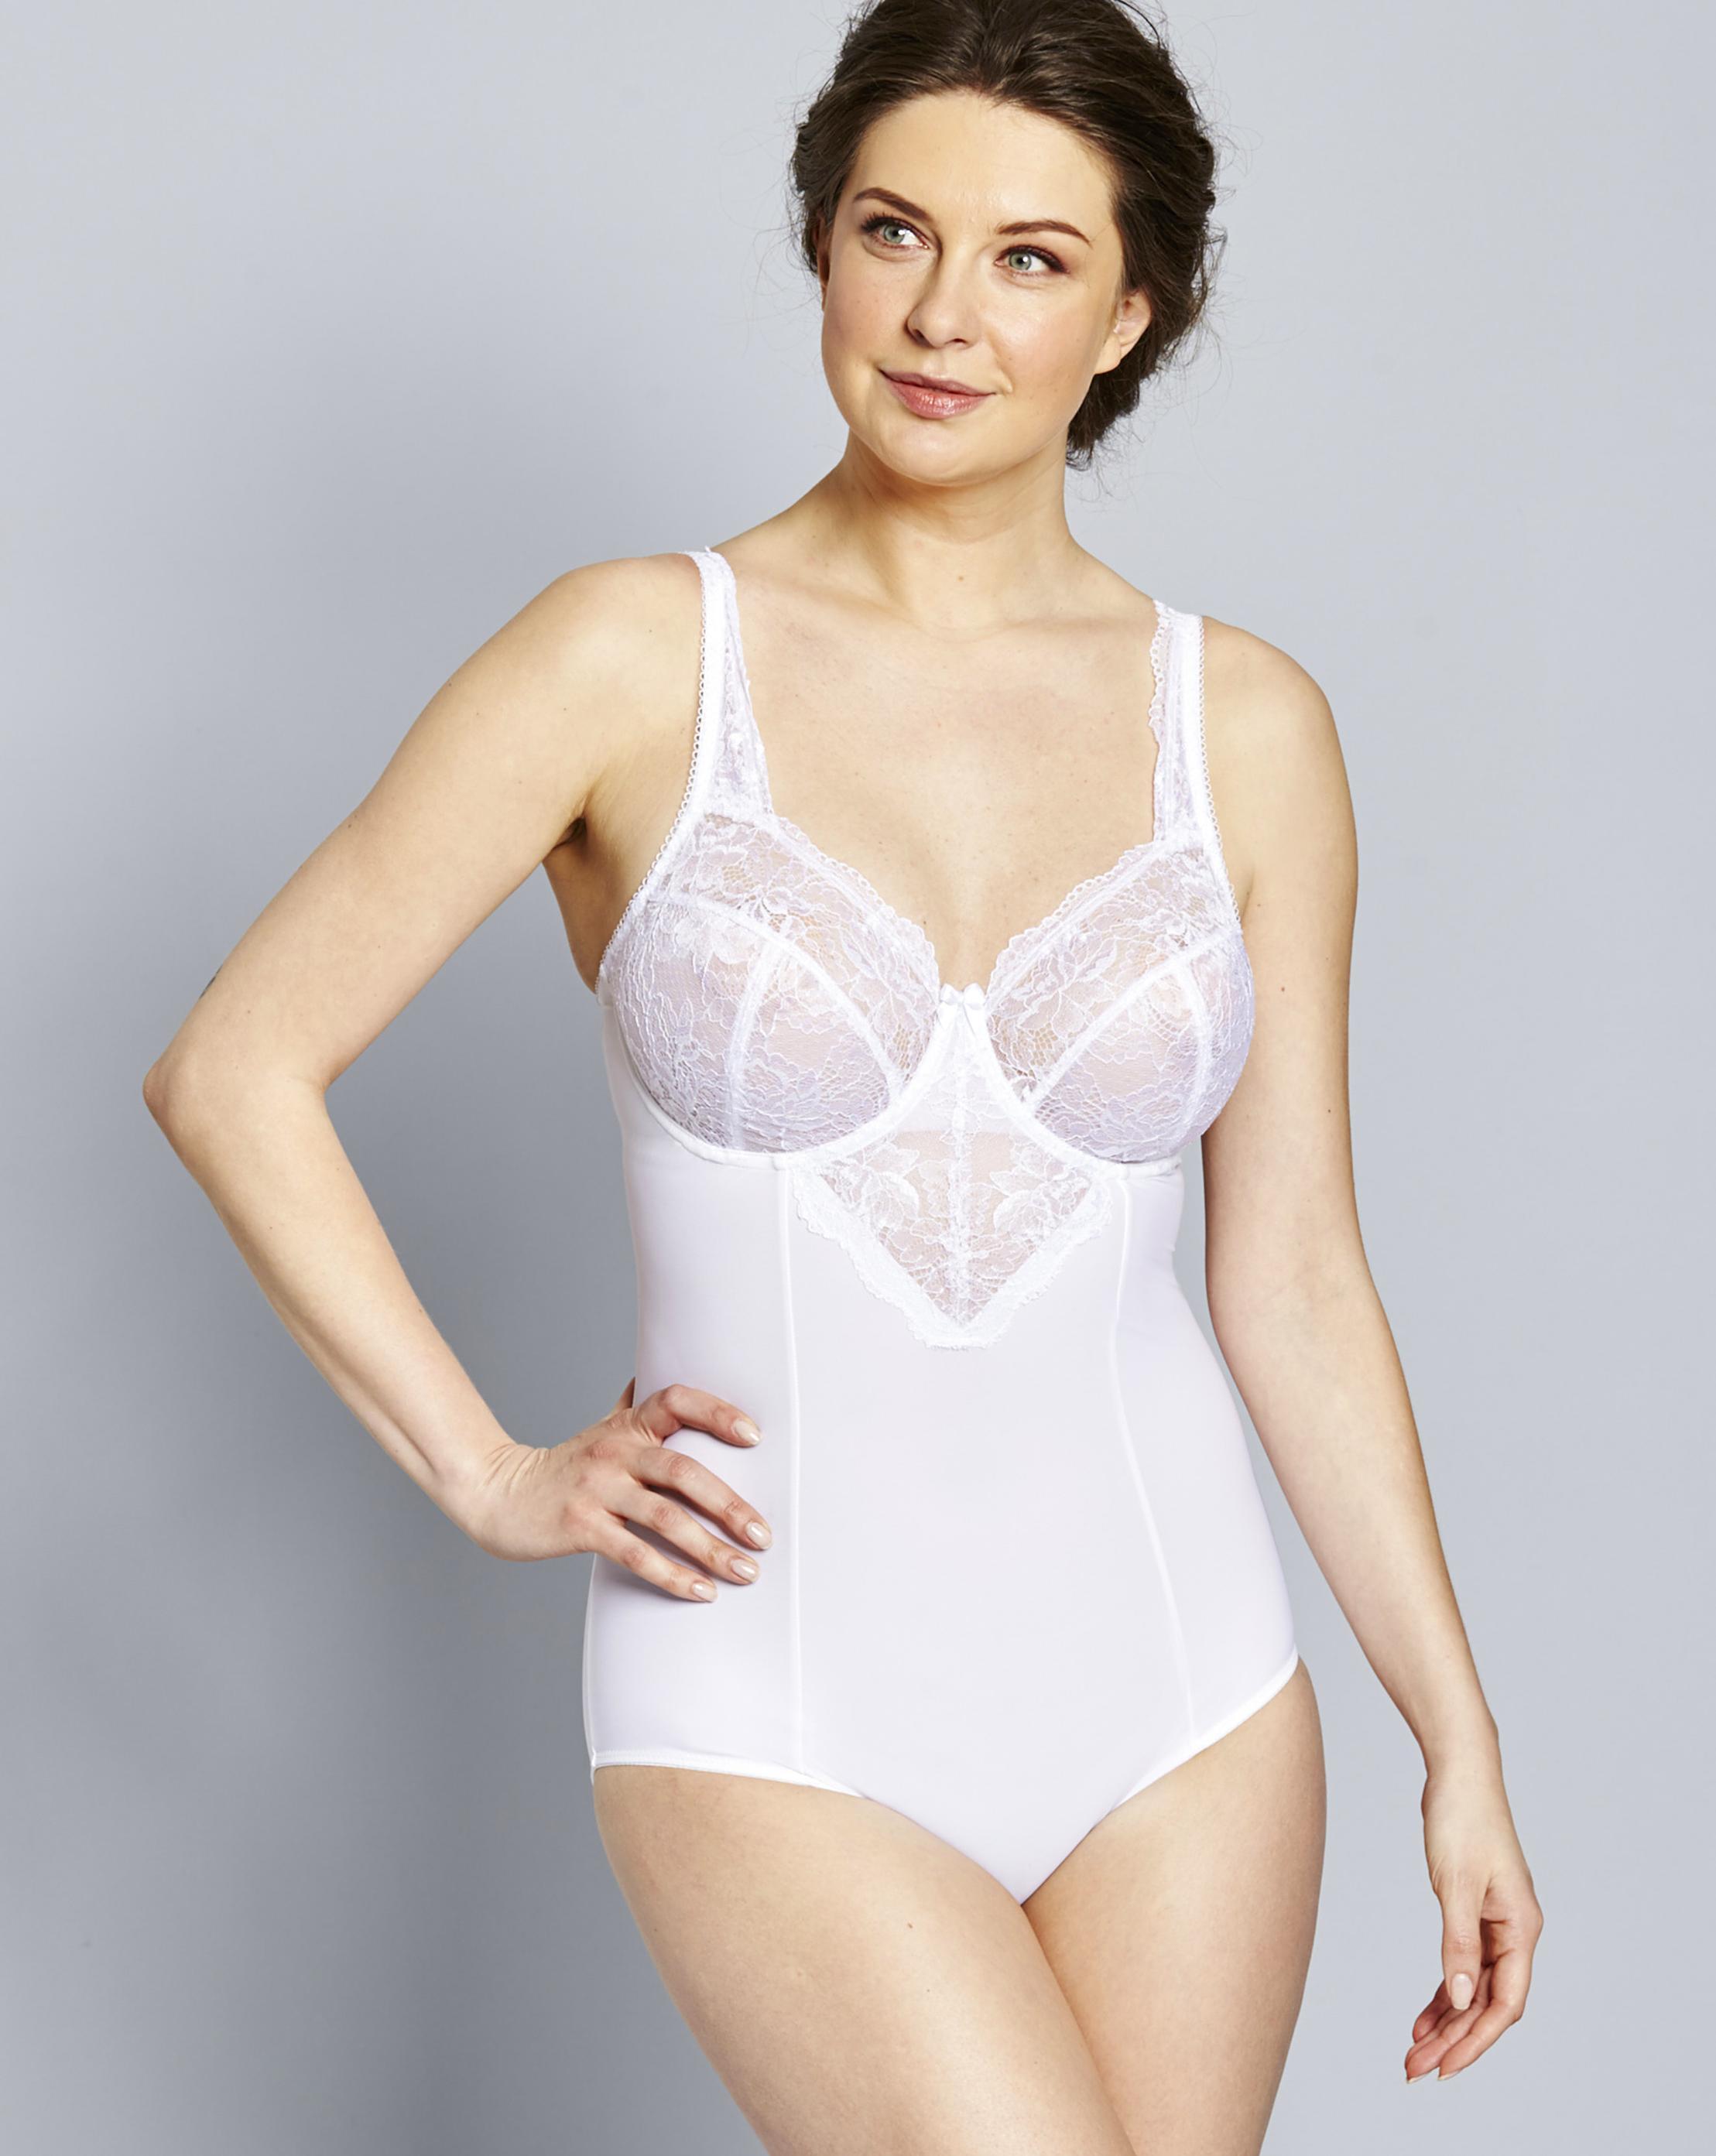 b8bf2e74f1 Lyst - Simply Be Magisculpt Ella Lace Light Control Bodyshaper in White